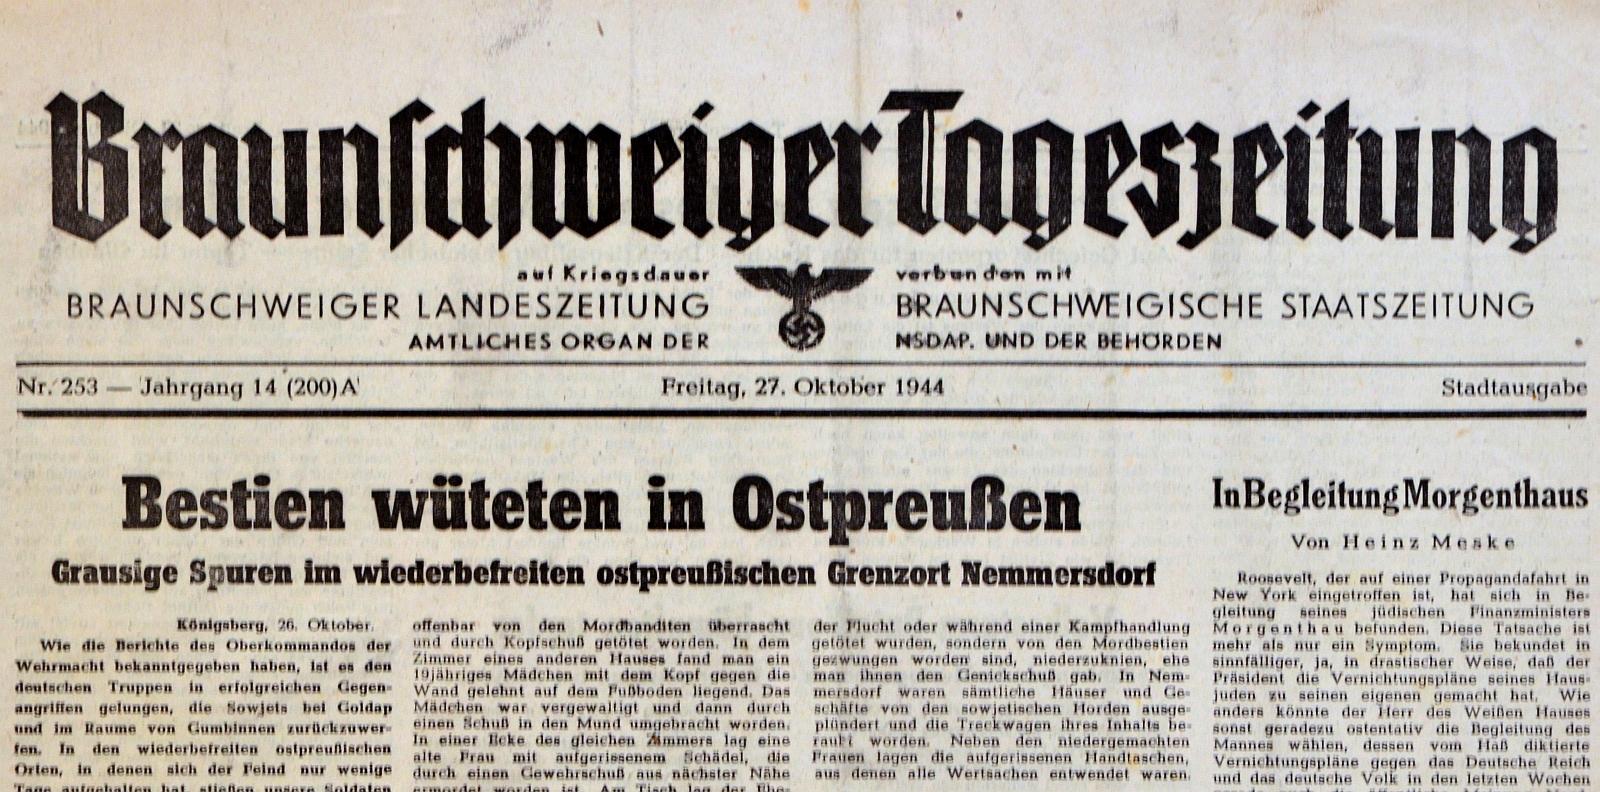 https://upload.wikimedia.org/wikipedia/de/4/46/Nemmersdorf_Braunschweiger_Tageszeitung_27_Oktober_1944.JPG